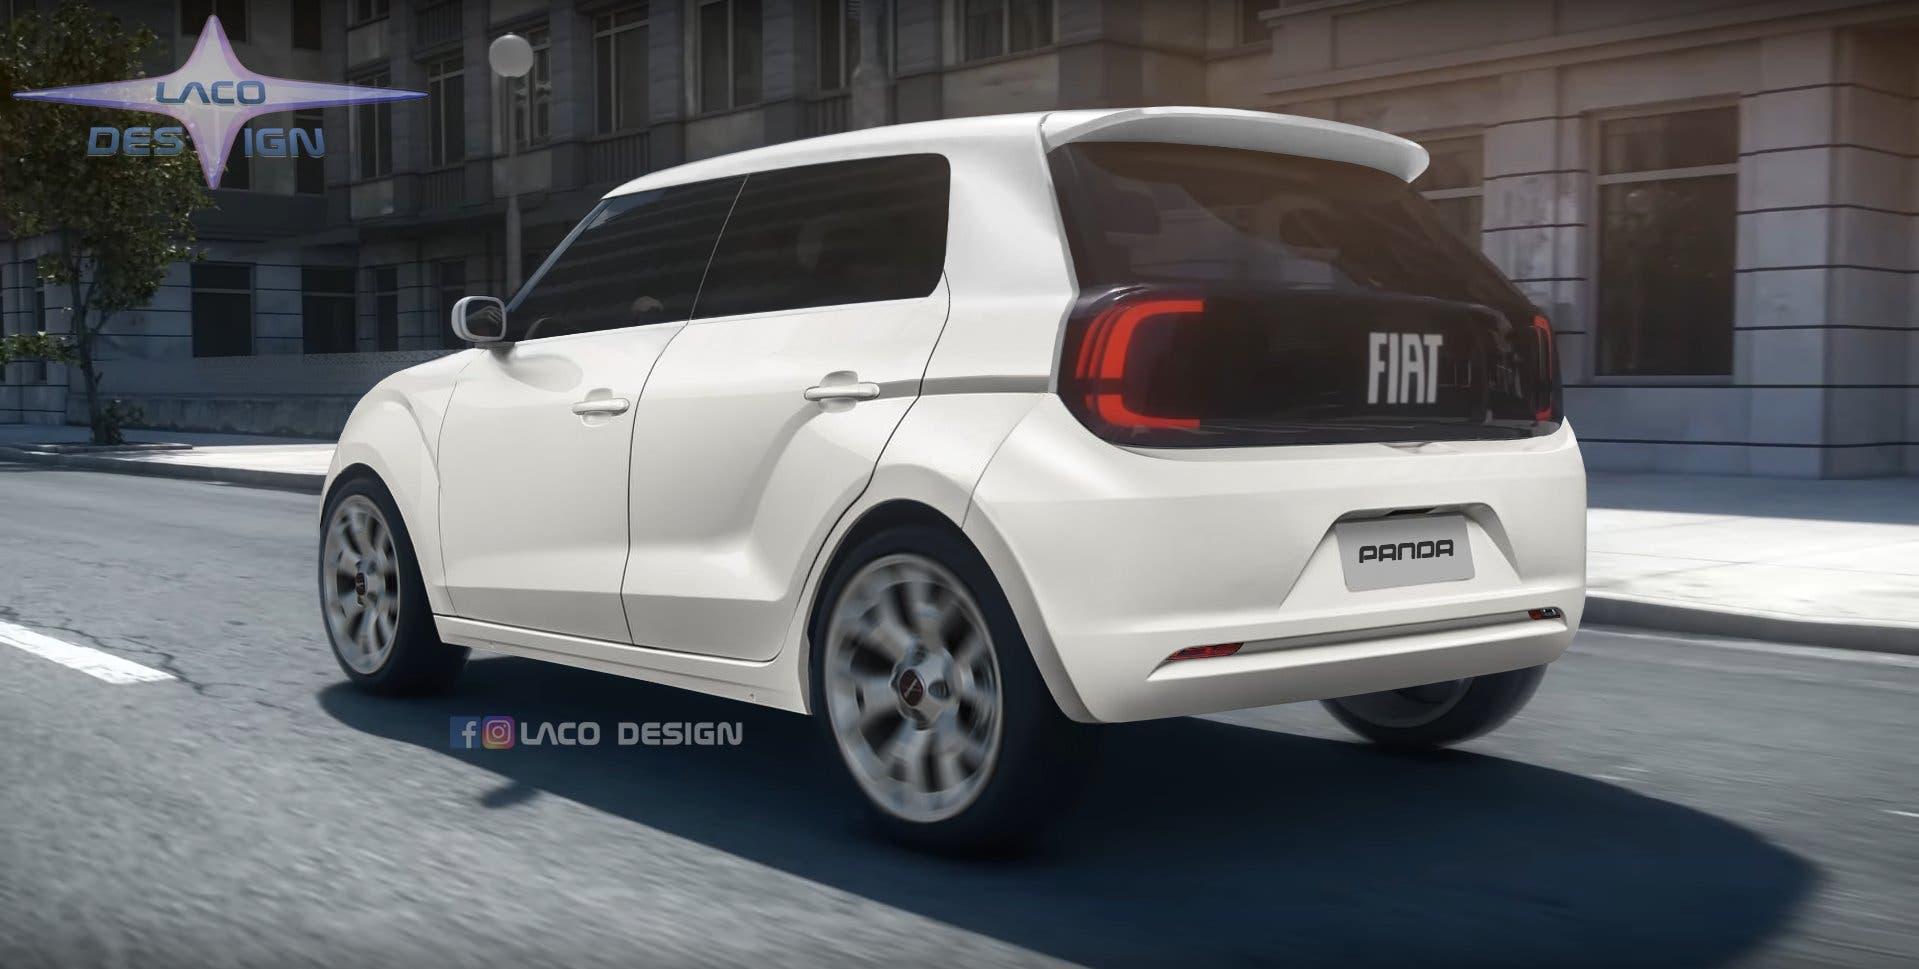 Fiat Panda LACO Design render